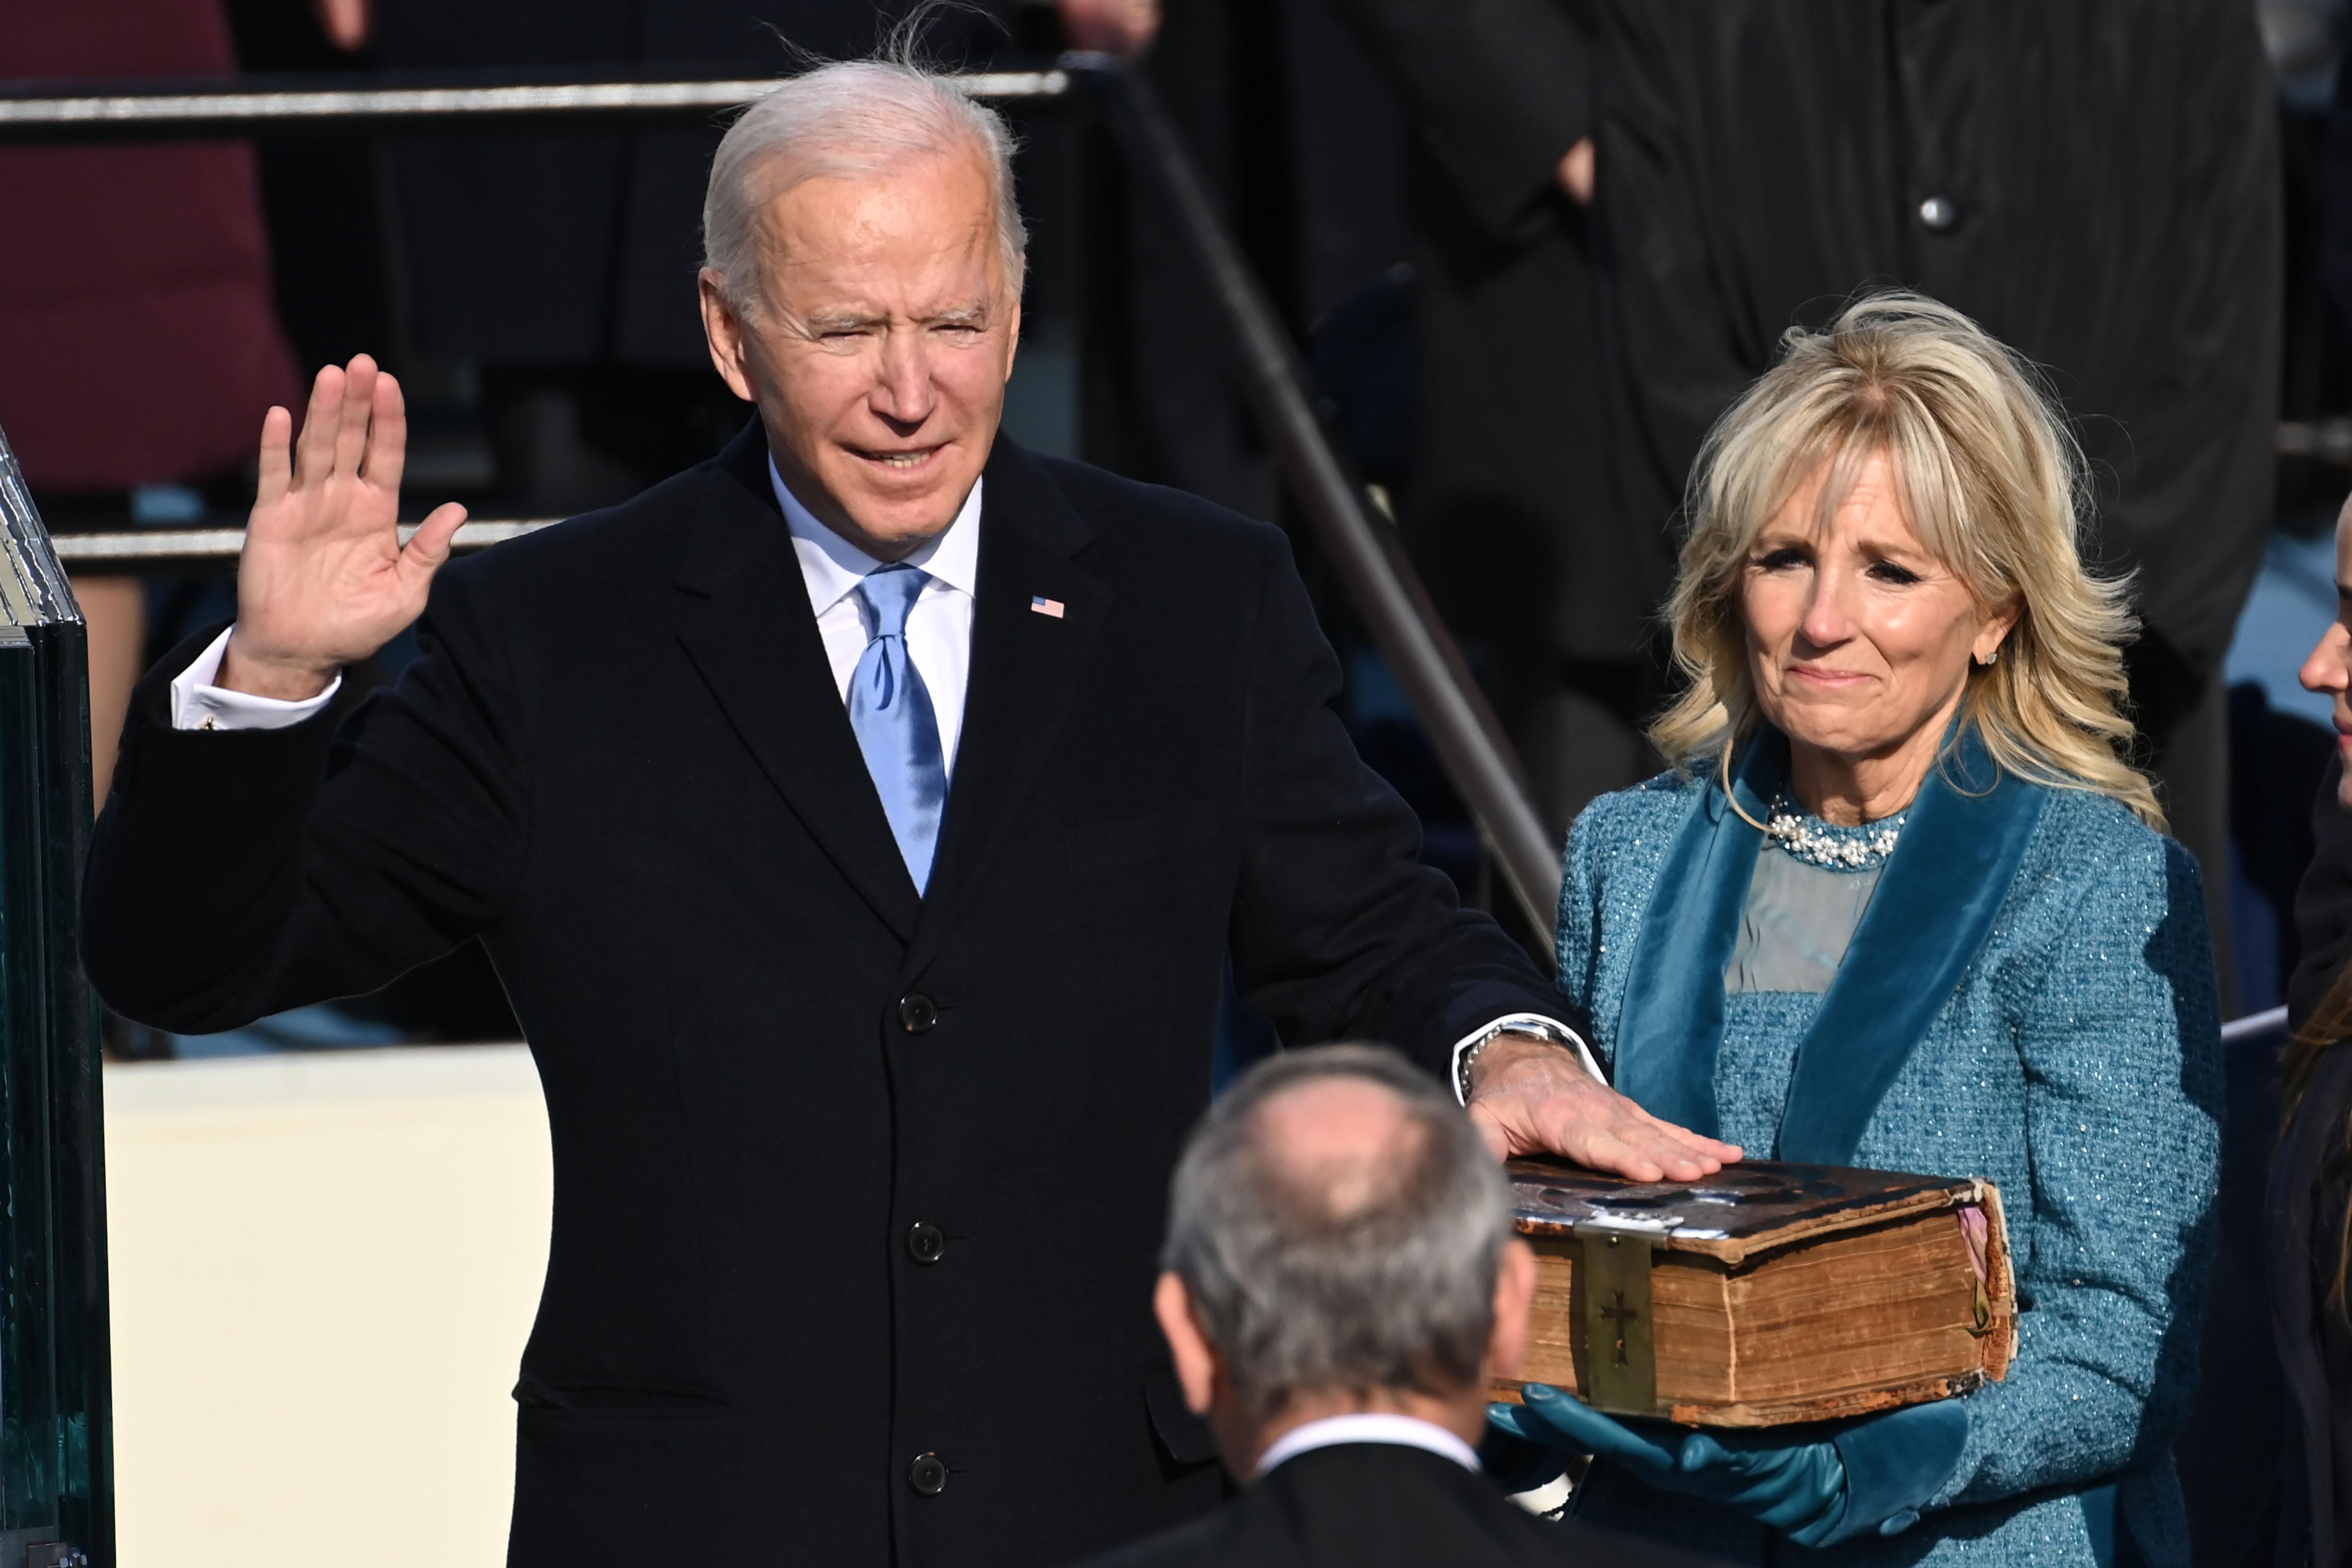 Világszerte tőzsdei csúcsokat hozott Biden beiktatása